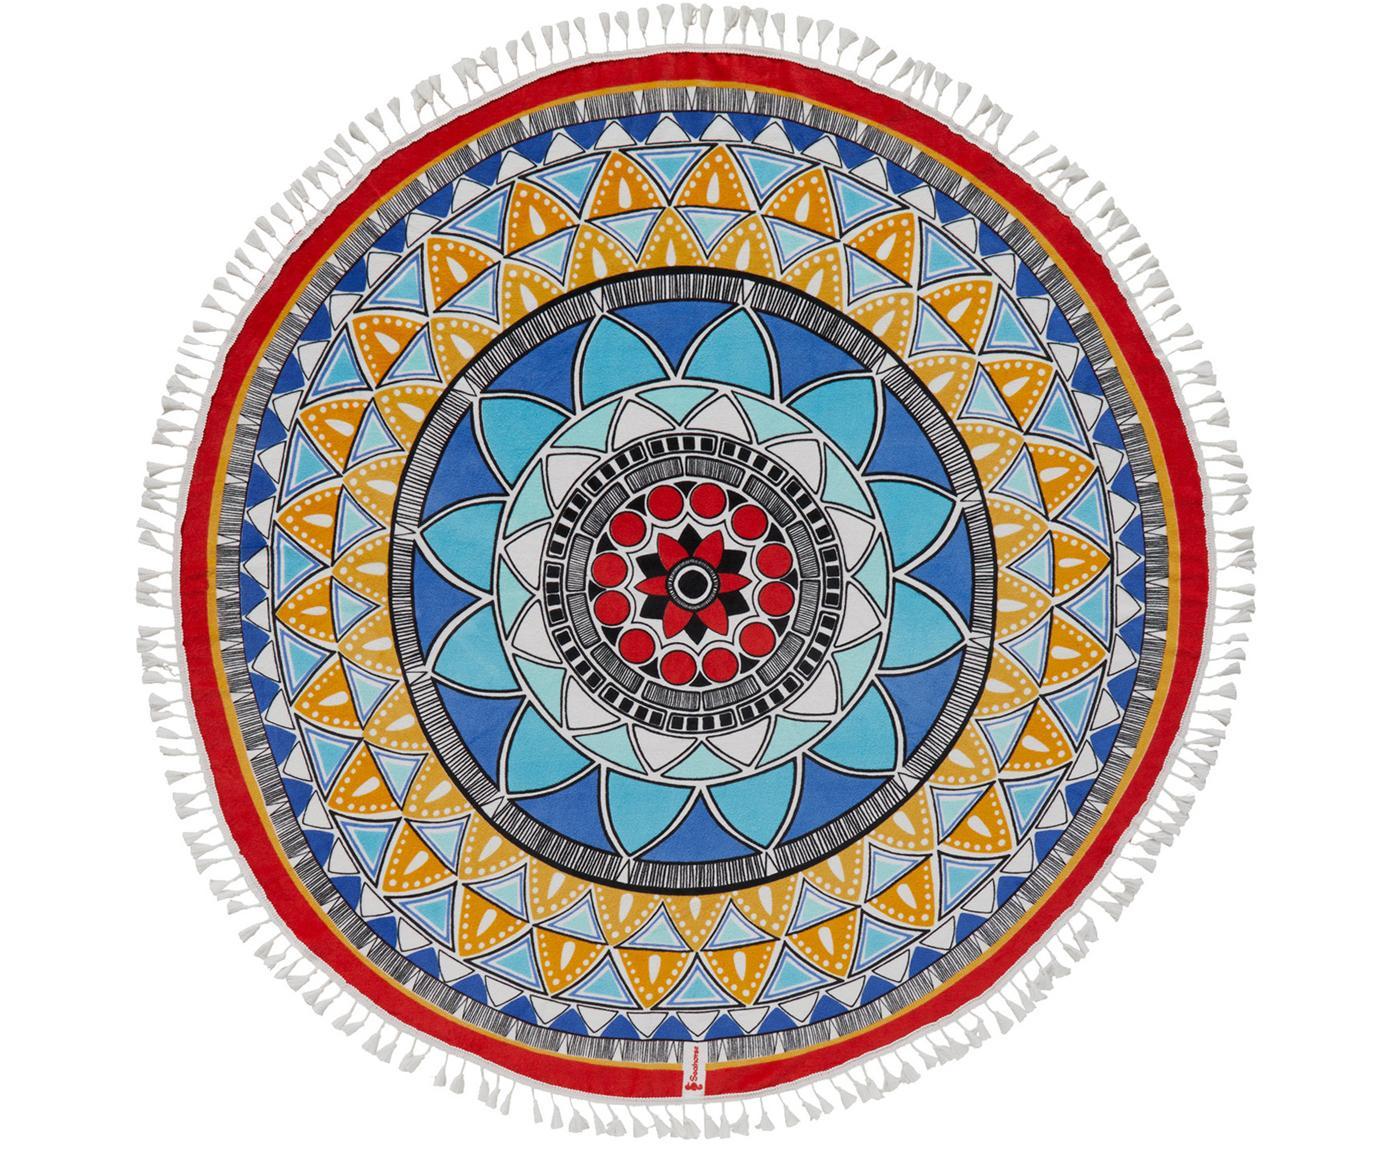 Telo mare rotondo con nappe Tara, Cotone, qualità leggera 300 g/m, Multicolore, Ø 150 cm